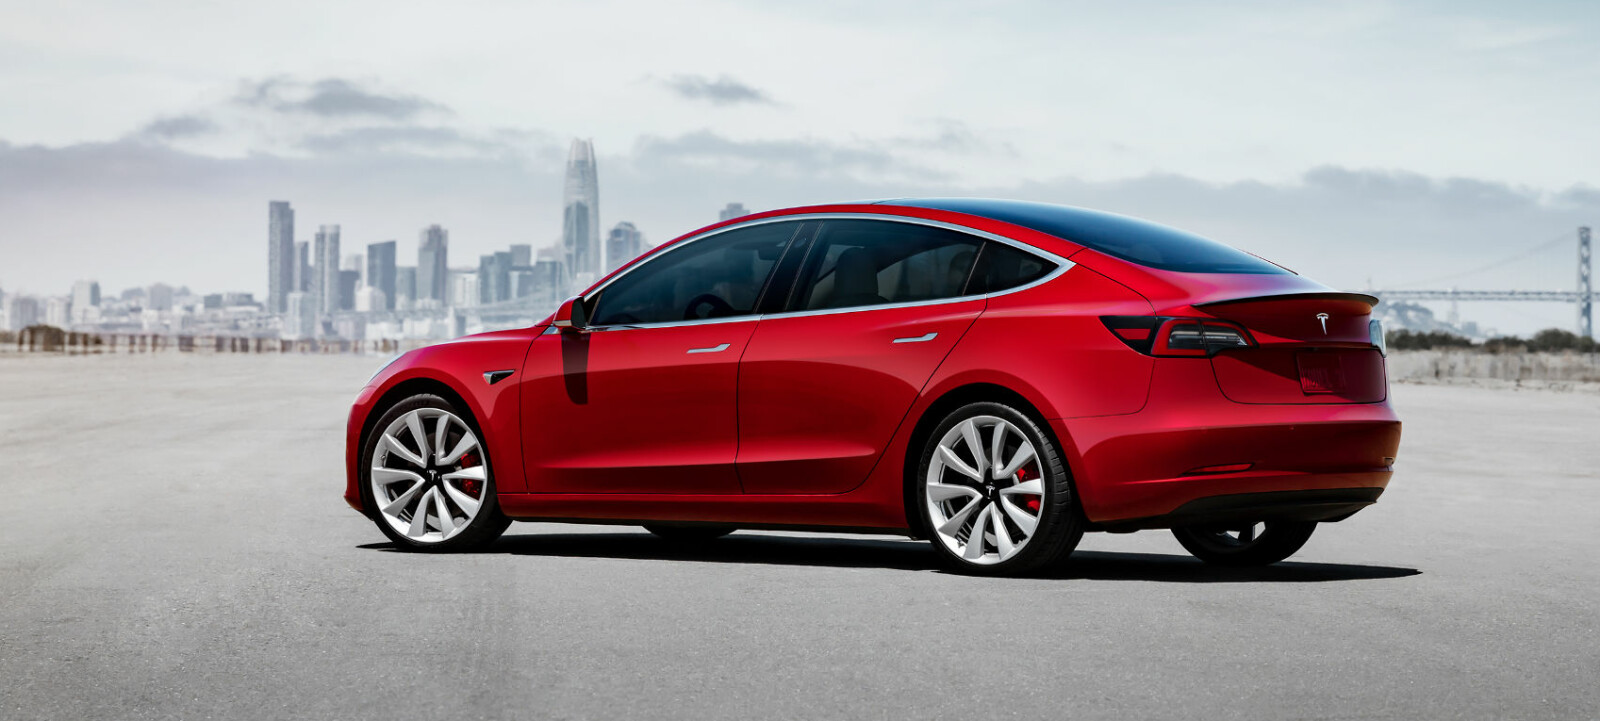 I USA solgte Tesla nesten syv ganger flere eksemplarer av Model 3 i oktober enn Model S og Model X samlet. Snart starter salget av Model 3 i Norge også.